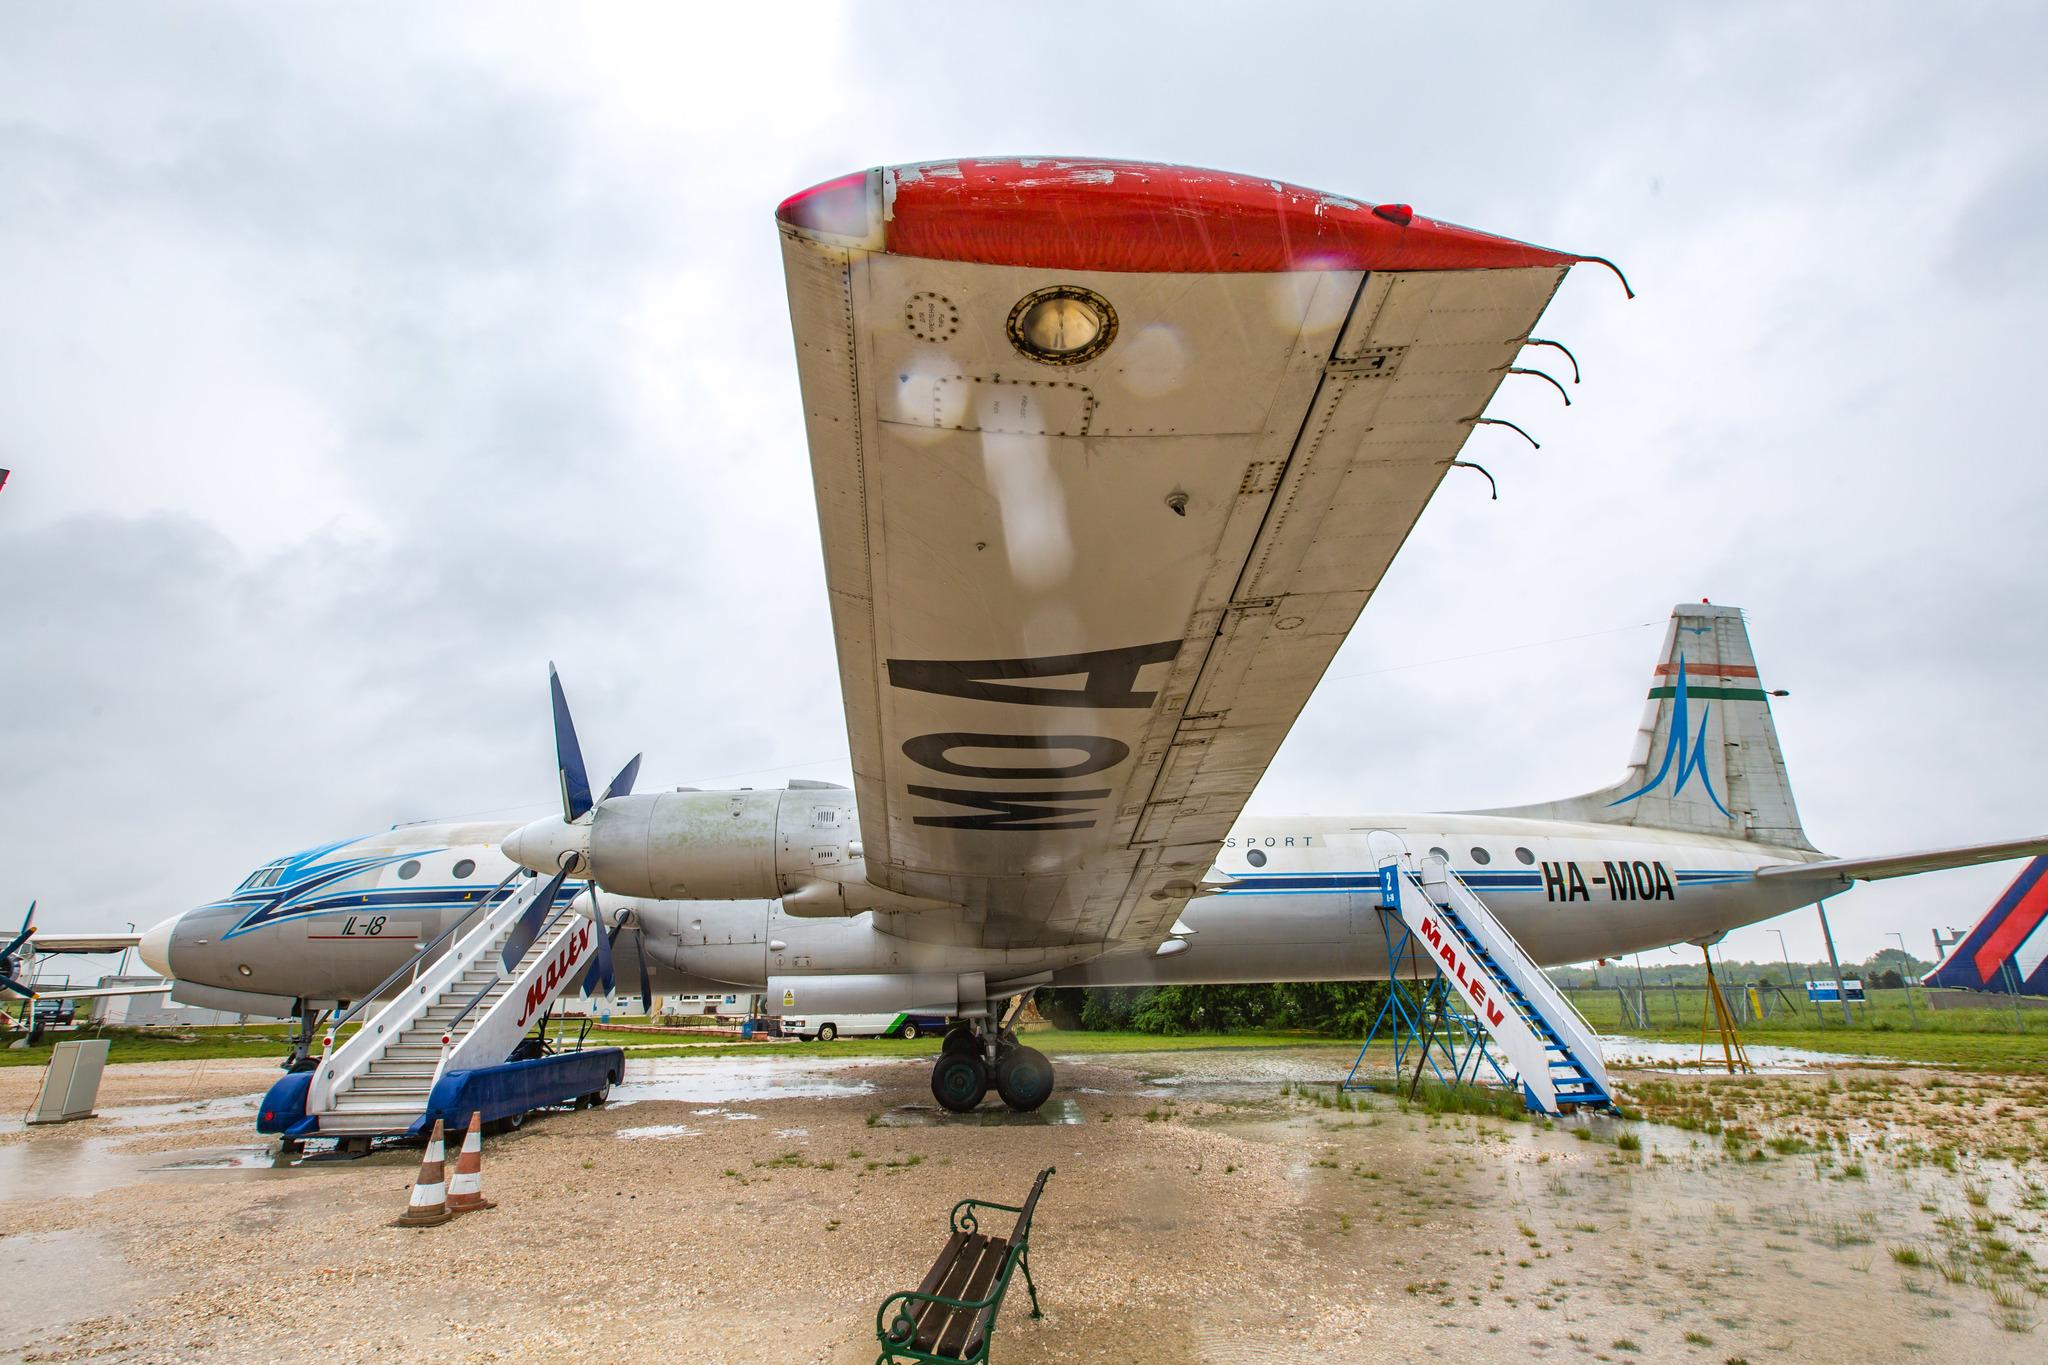 Музей советских самолётов в дебрях Евросоюза музея, музей, самолёт, передан, транспорта, техники, прибыл, аэропорту, Самолёт, музее, экспонат, «Аэропарк», служил, Ту134, музею, Второй, Ил18В, HAMOA, «Малеве», построен